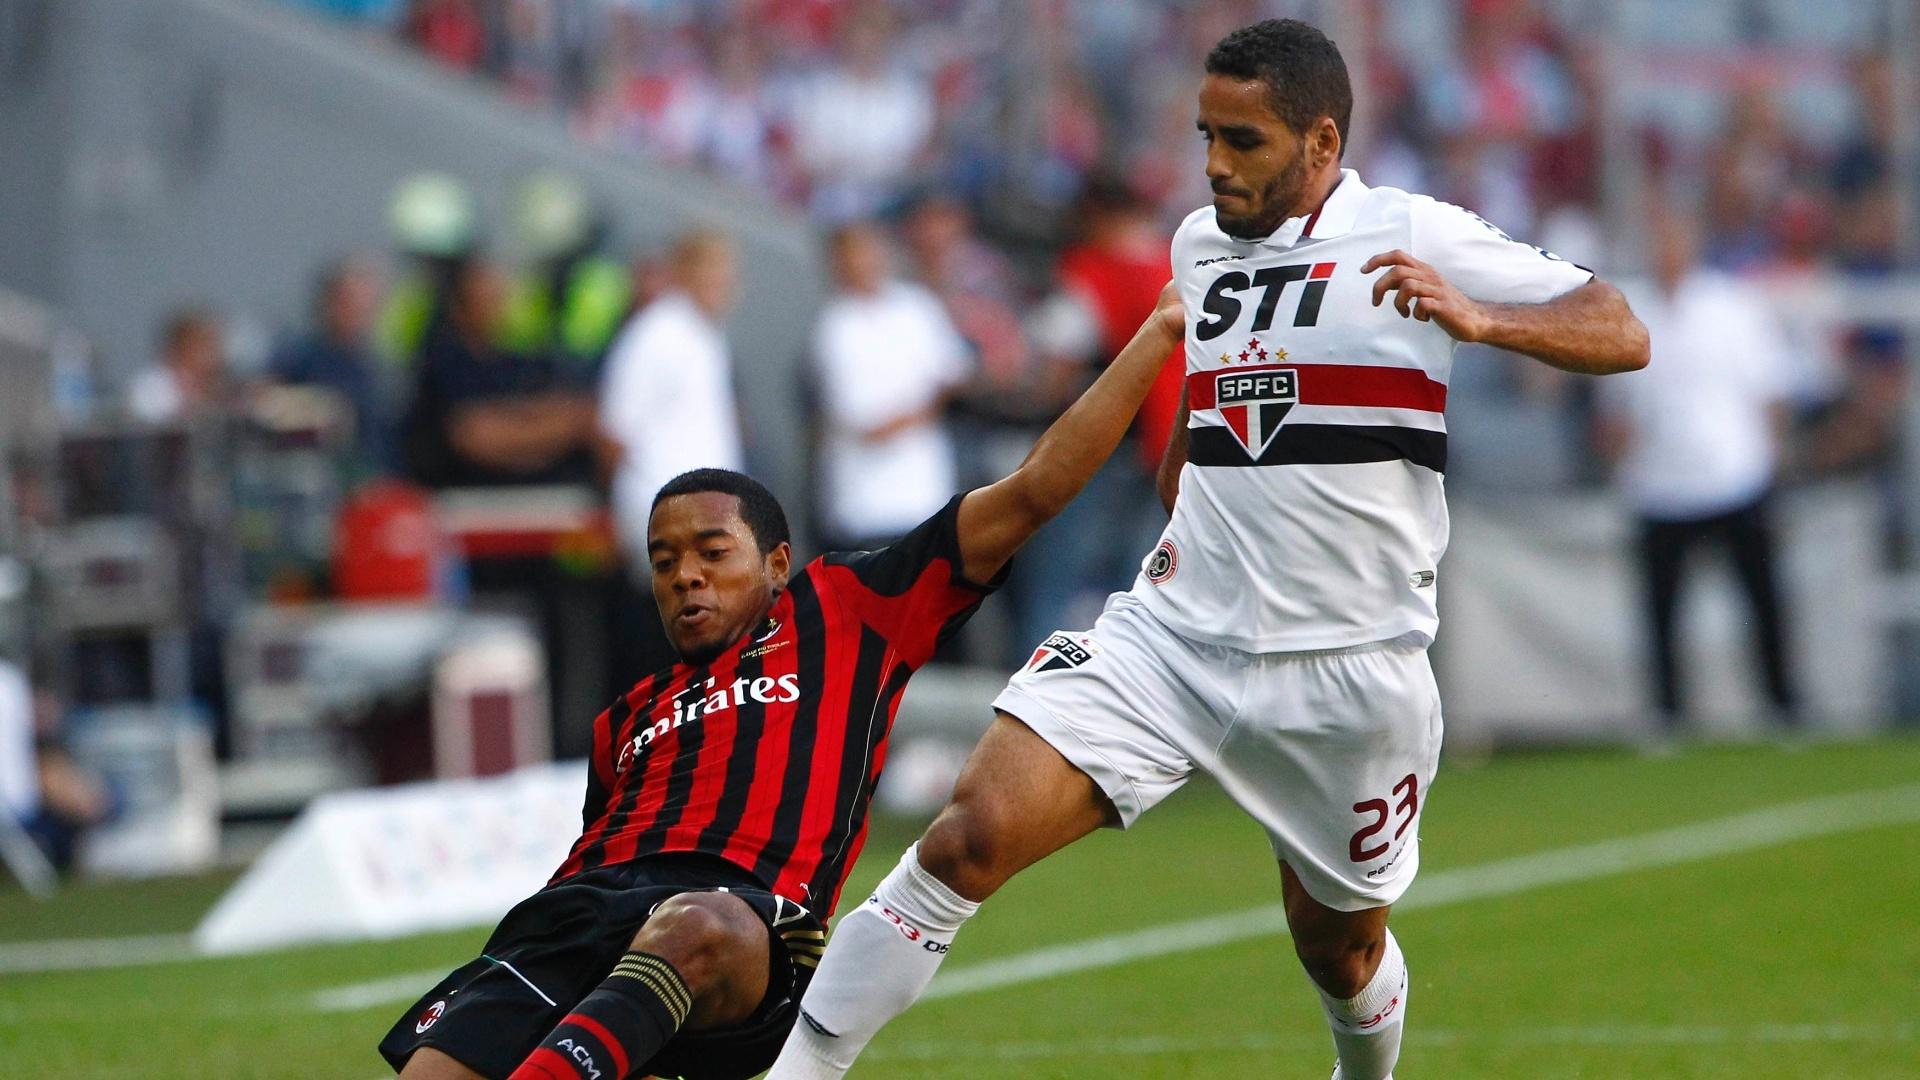 01.ago.2013 - Douglas tenta escapar de carrinho de Urby Emanuelson na partida entre São Paulo e Milan pela Copa Audi